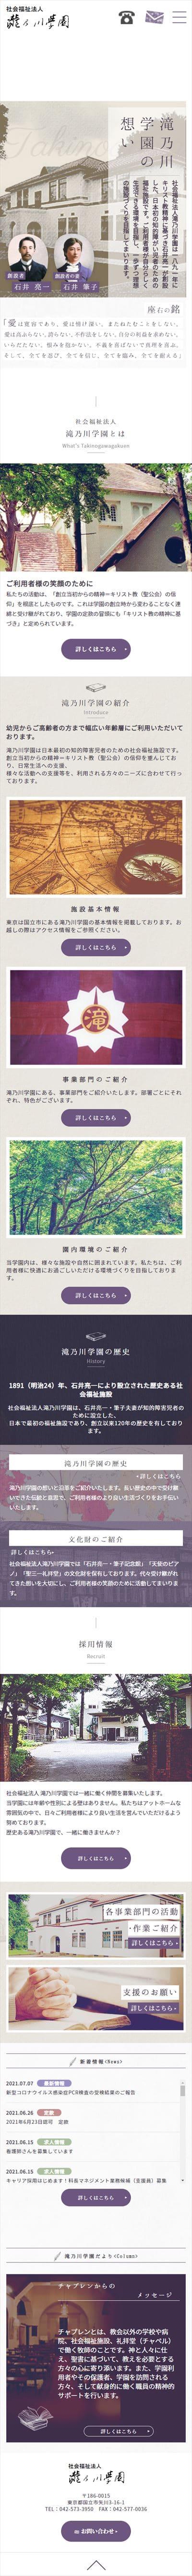 滝乃川学園